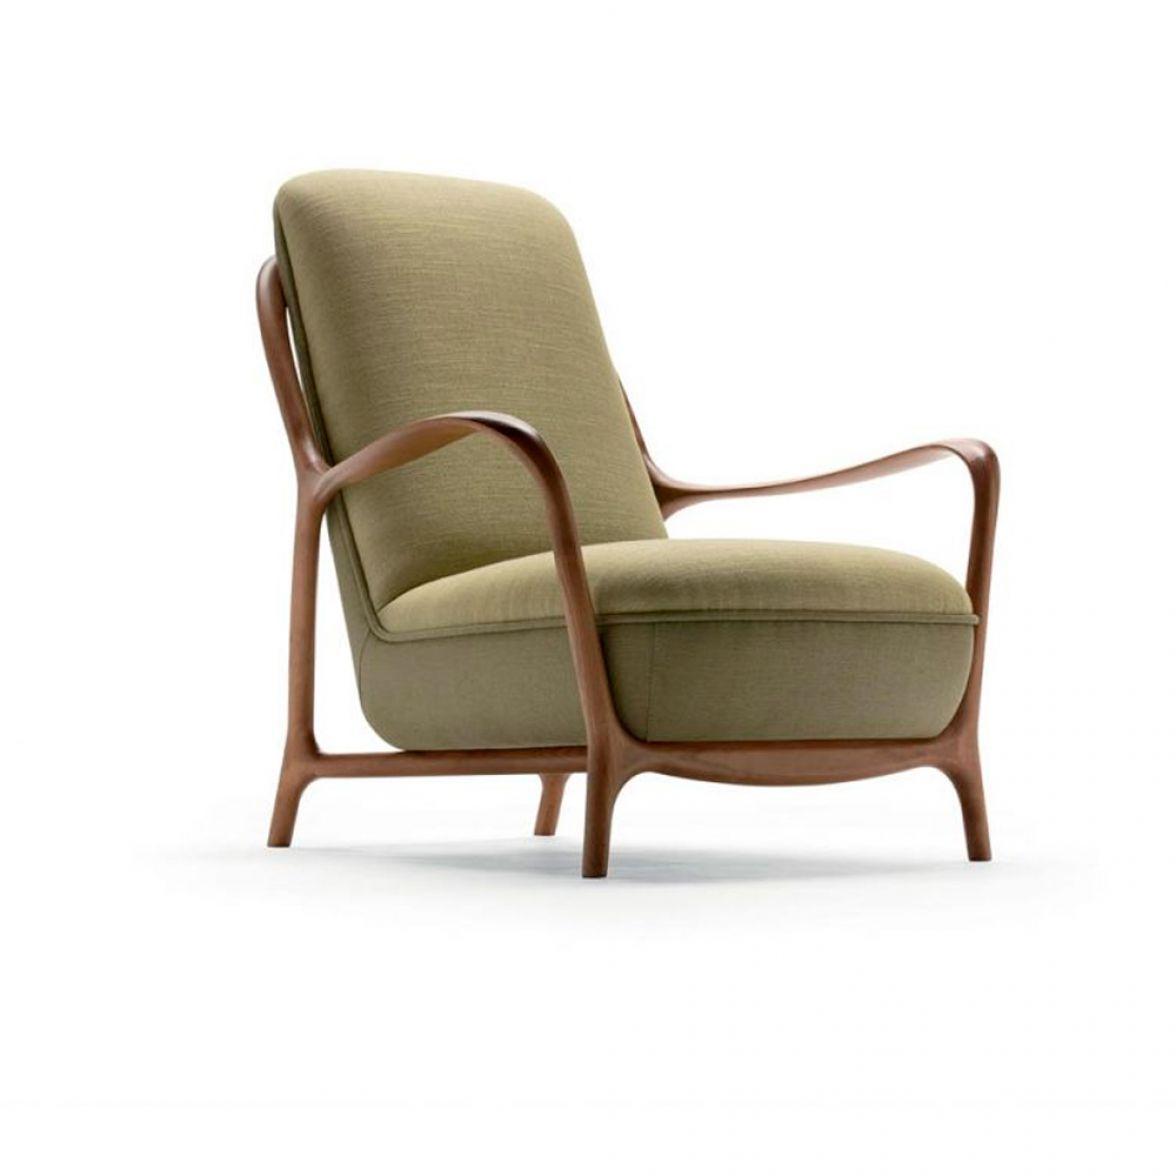 Callas armchair